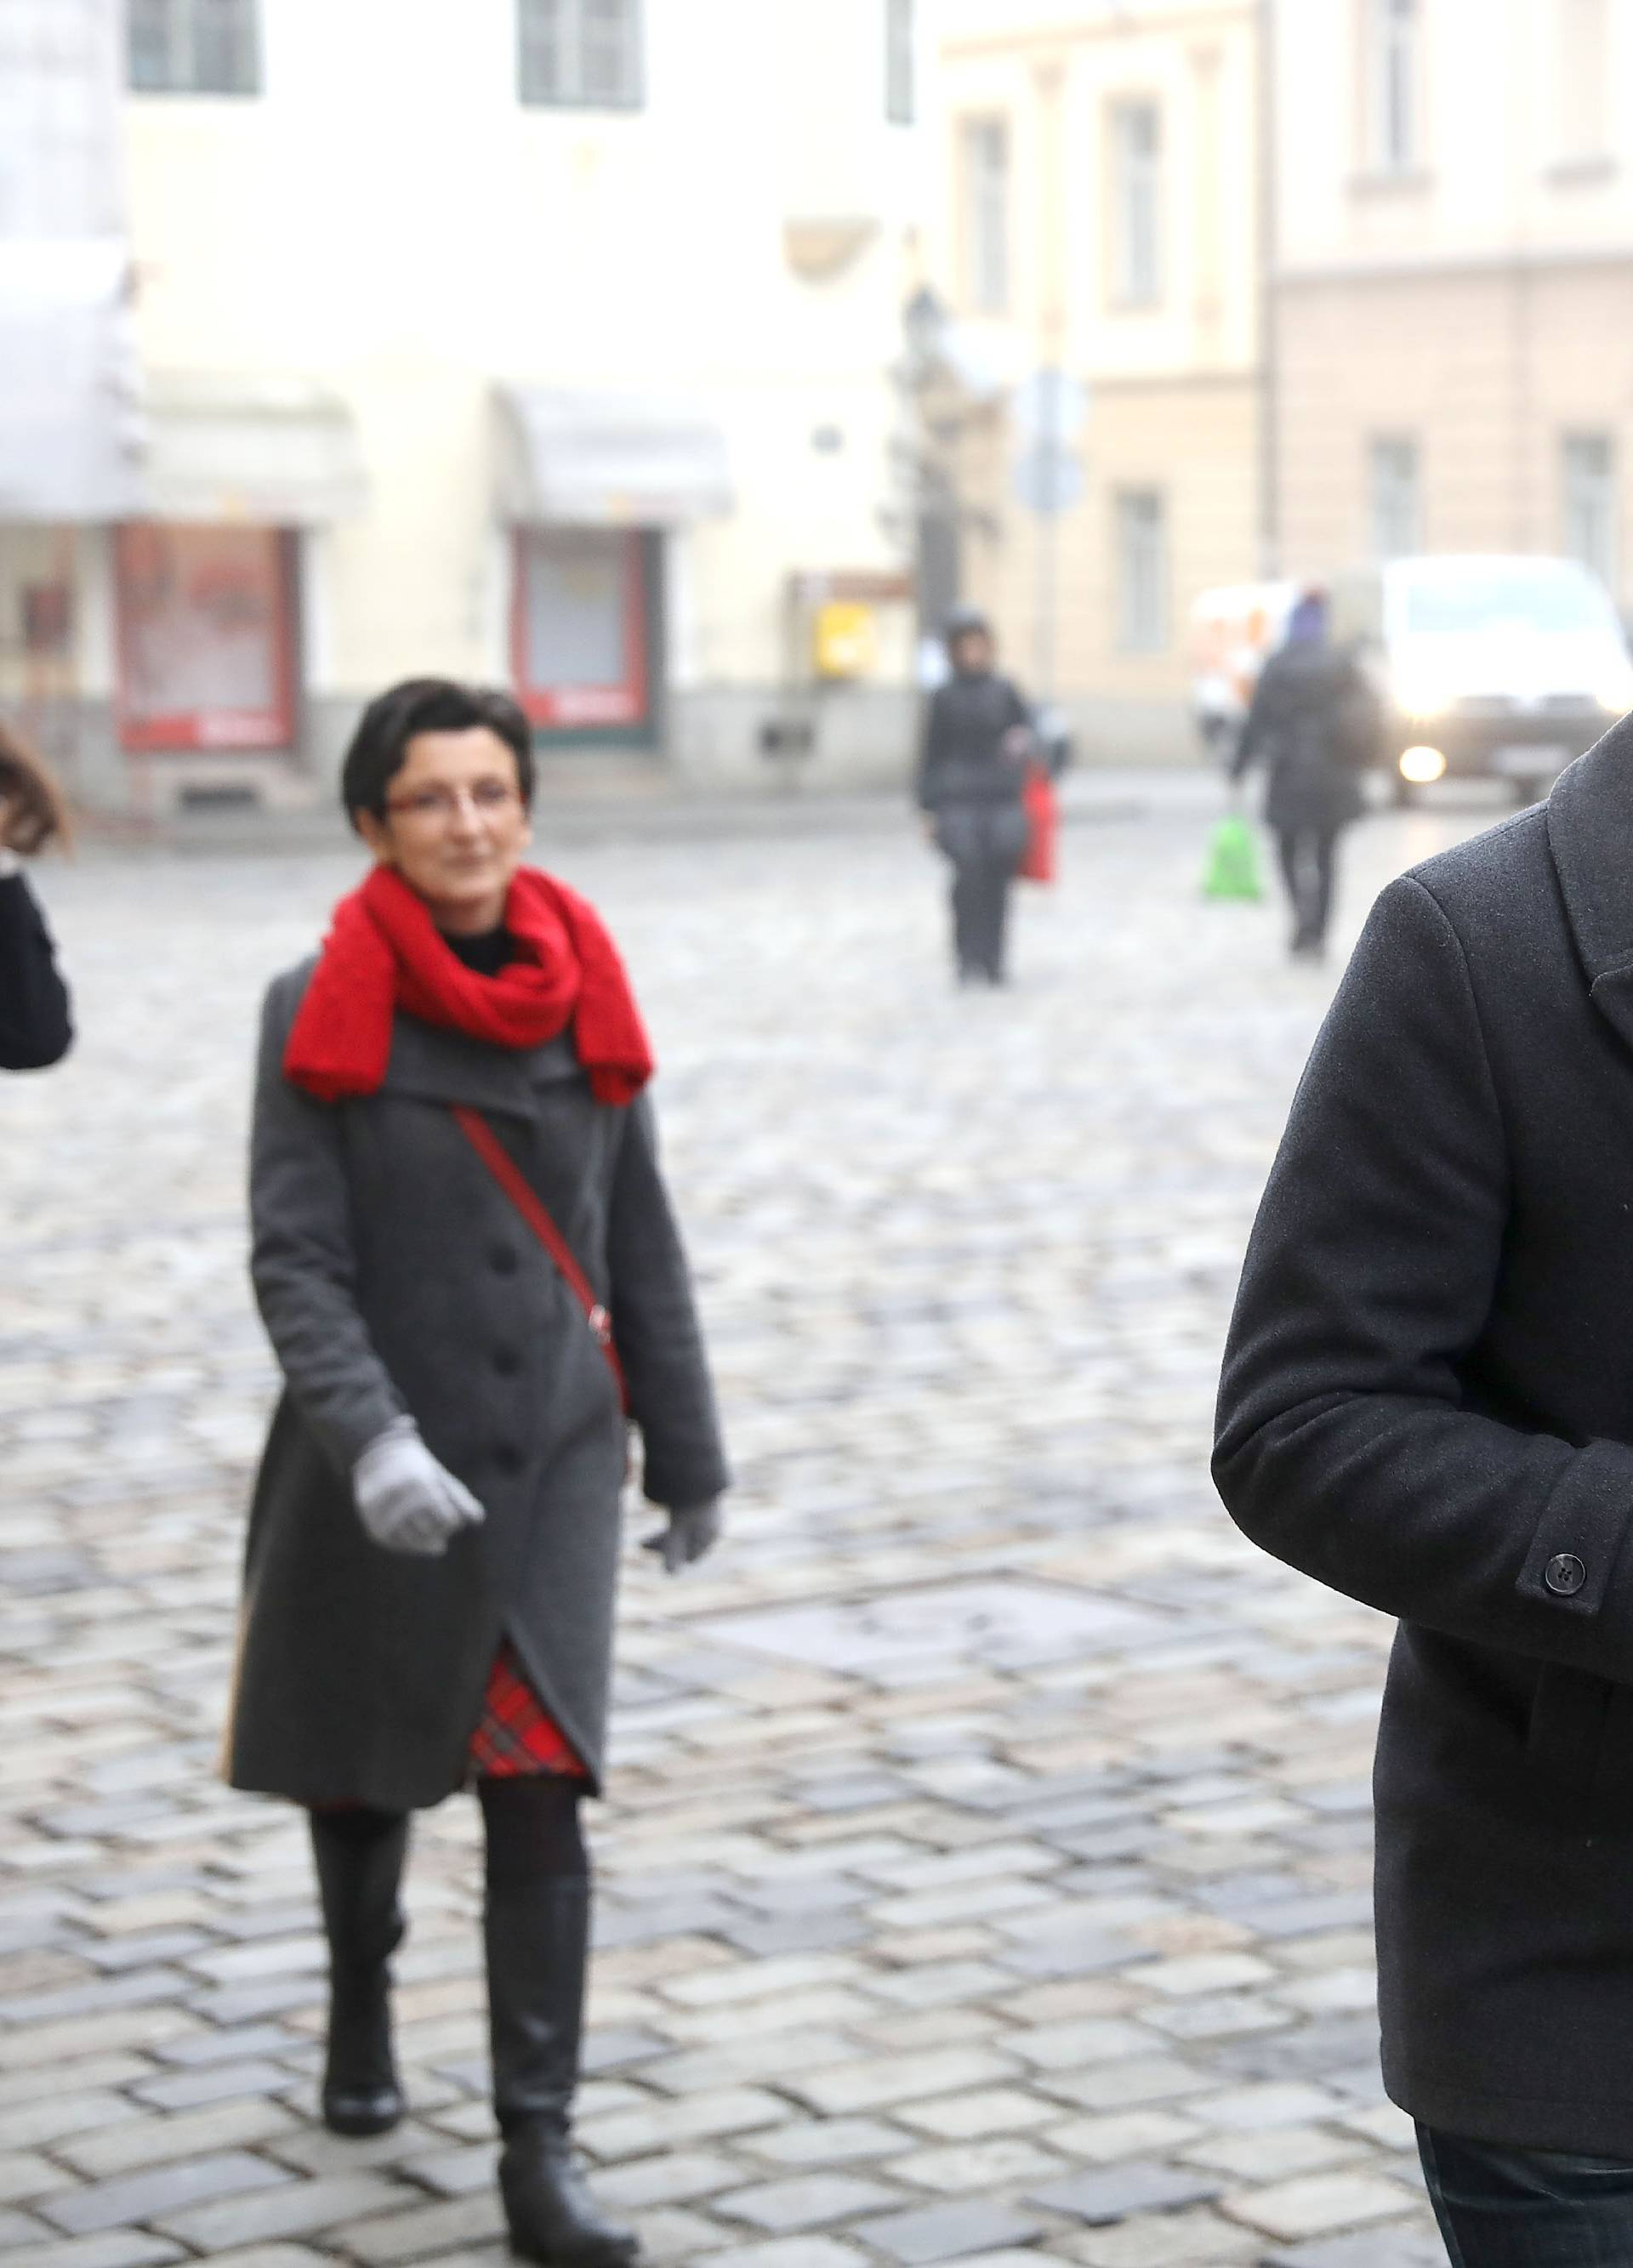 Zagreb: Udruga U ime obitelji na Trgu svetog Marga obratila se medijima